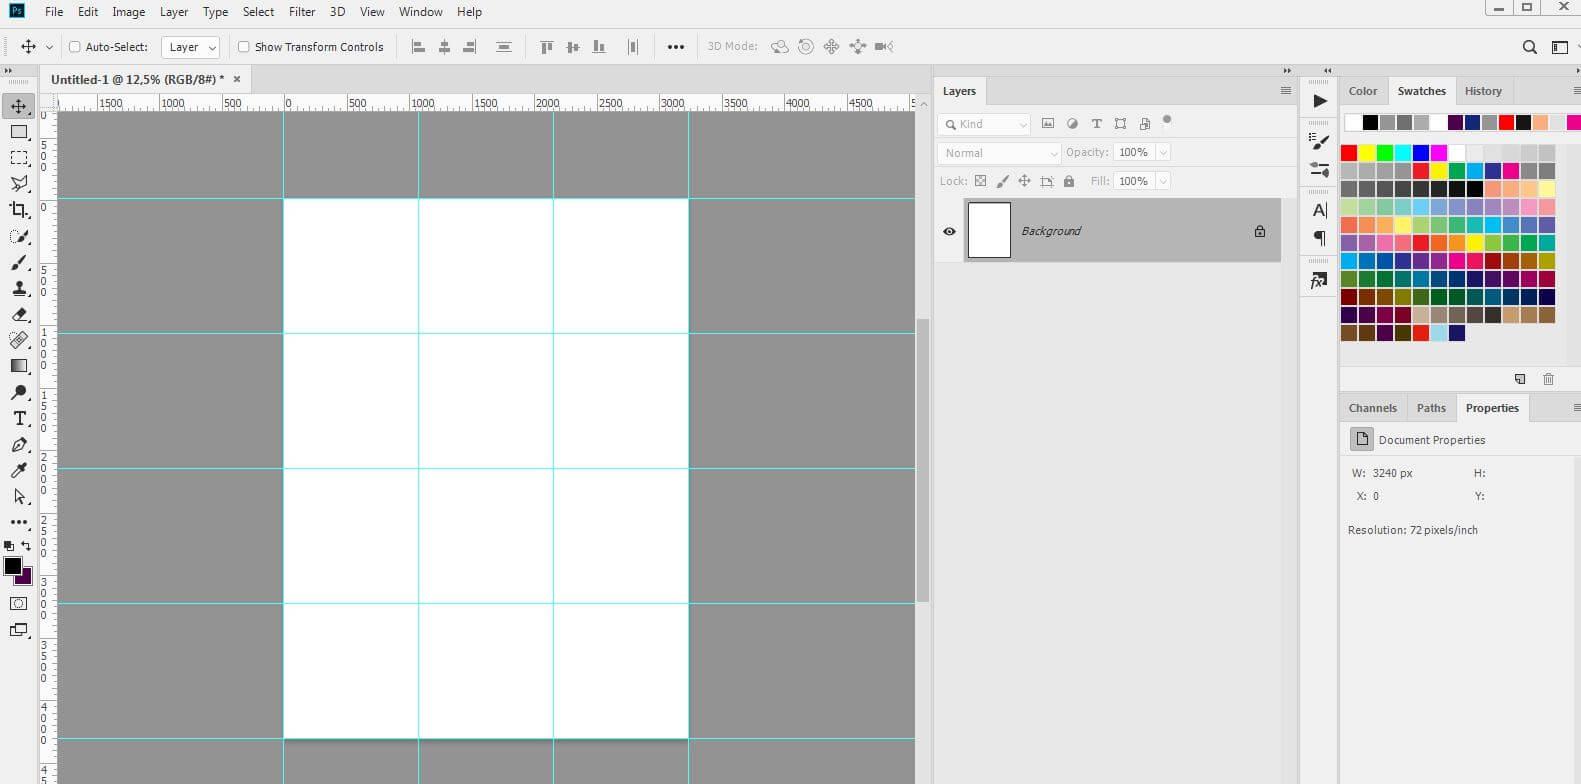 Картинка как сделать бесконечную ленту в инстаграм по разметке